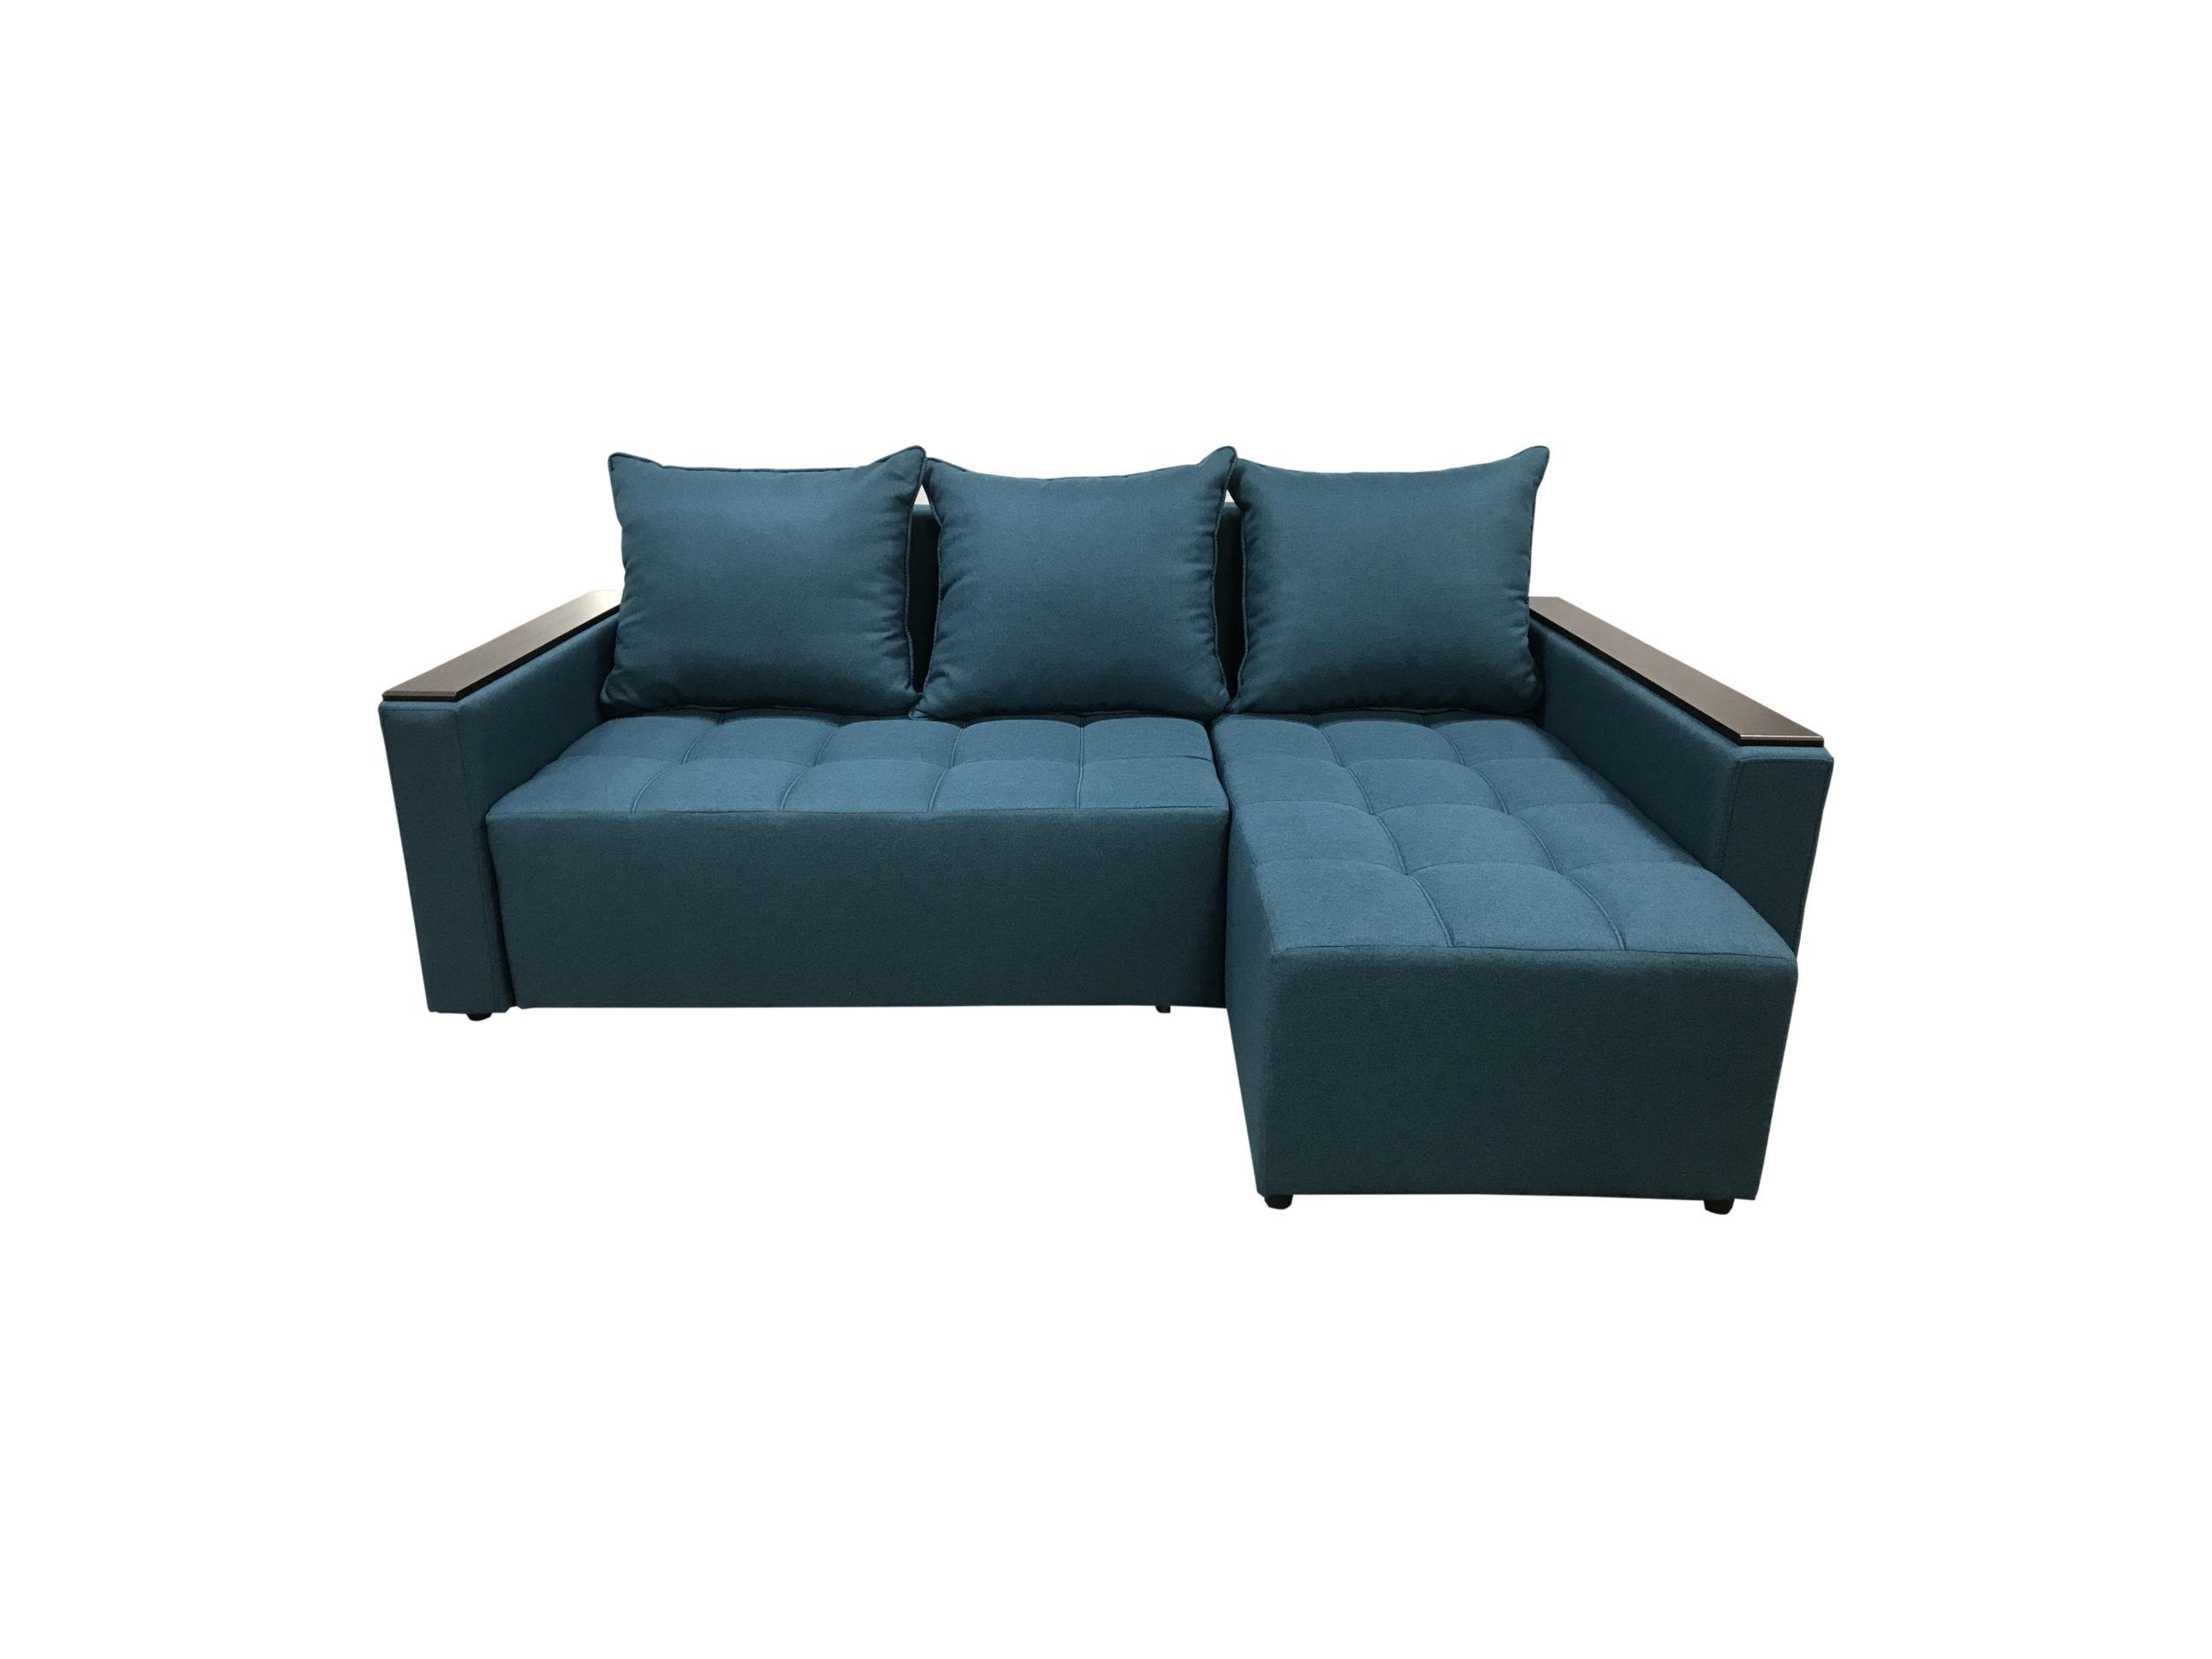 Угловой диван № 355 с накладками. Мебельный магазин Мебель Ленд. Санкт-Петербург